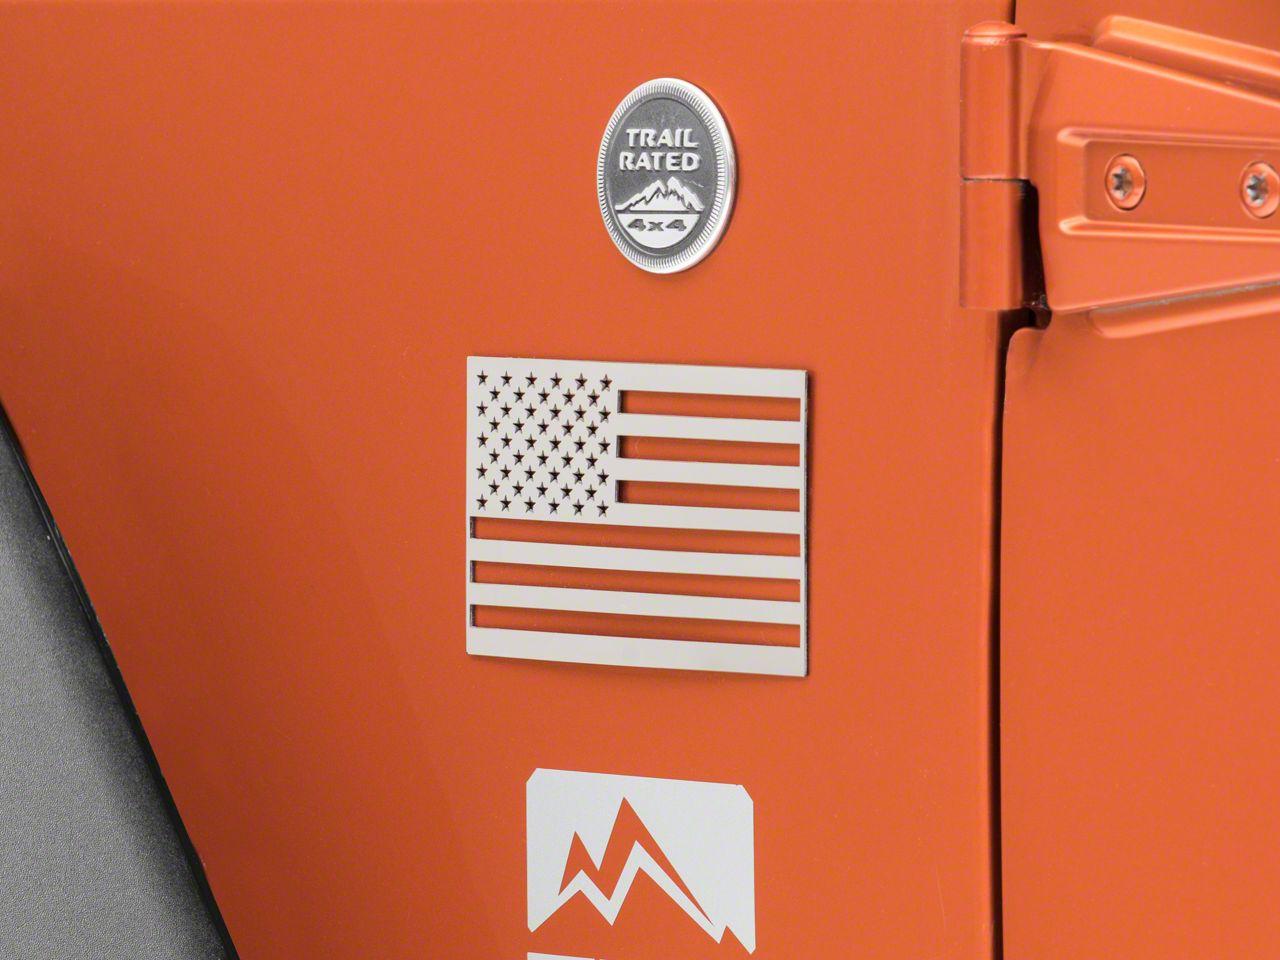 ACC Stainless Steel American Flag Emblem - Polished (87-18 Jeep Wrangler YJ, TJ, JK & JL)